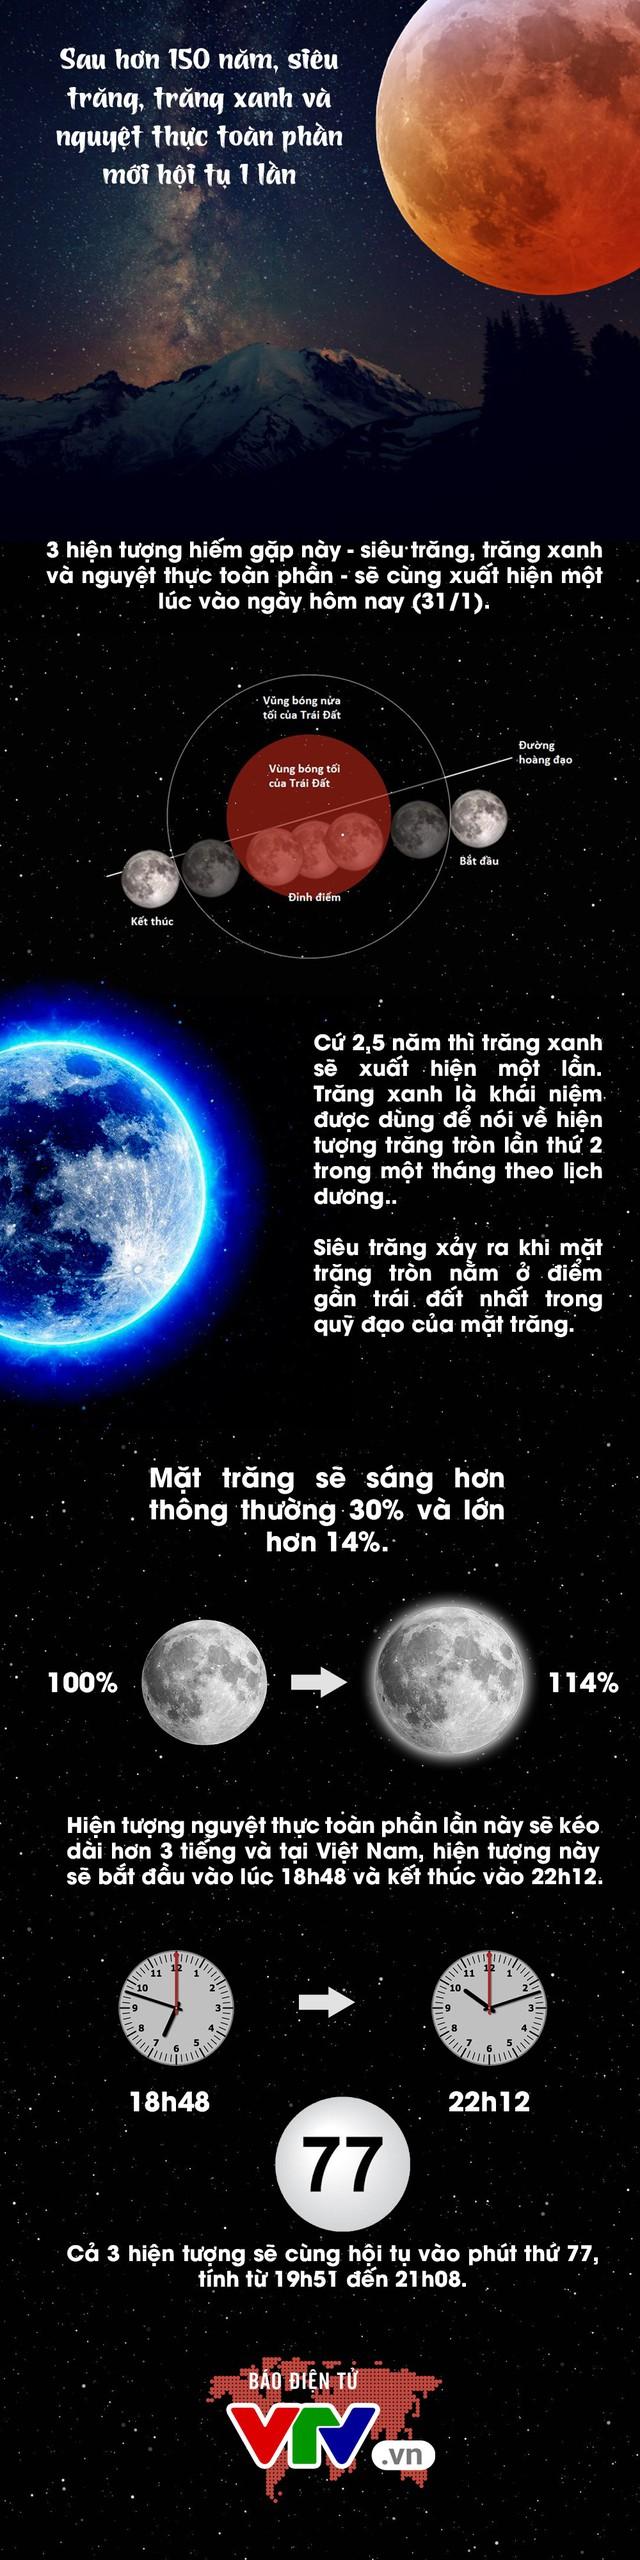 [INFOGRAPHIC] Sau hơn 150 năm, siêu trăng, trăng xanh, nguyệt thực toàn phần cùng hội tụ - Ảnh 1.